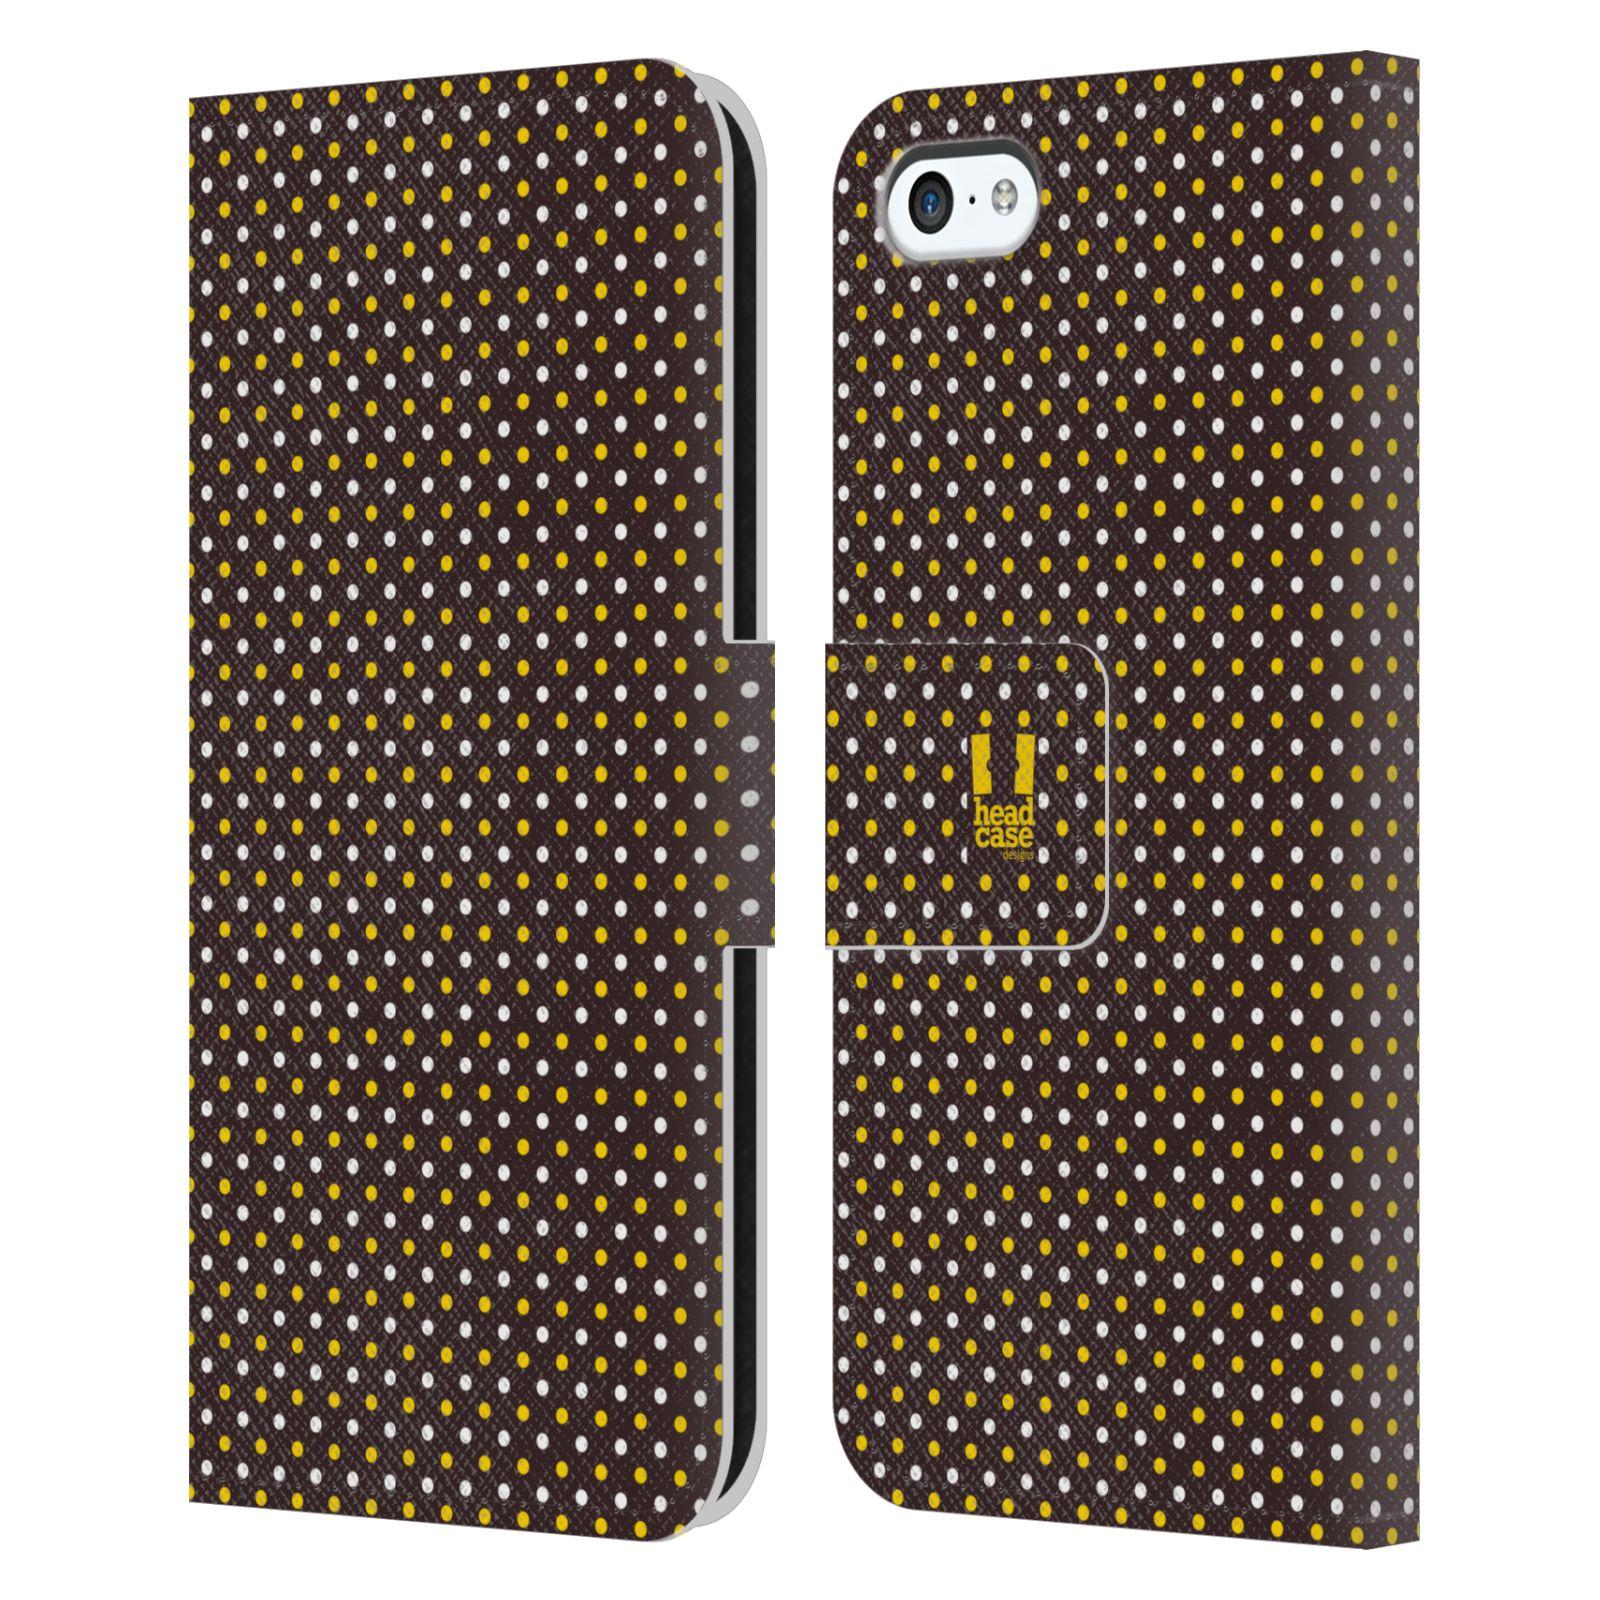 HEAD CASE Flipové pouzdro pro mobil Apple Iphone 5C VČELÍ VZOR puntíky hnědá a žlutá